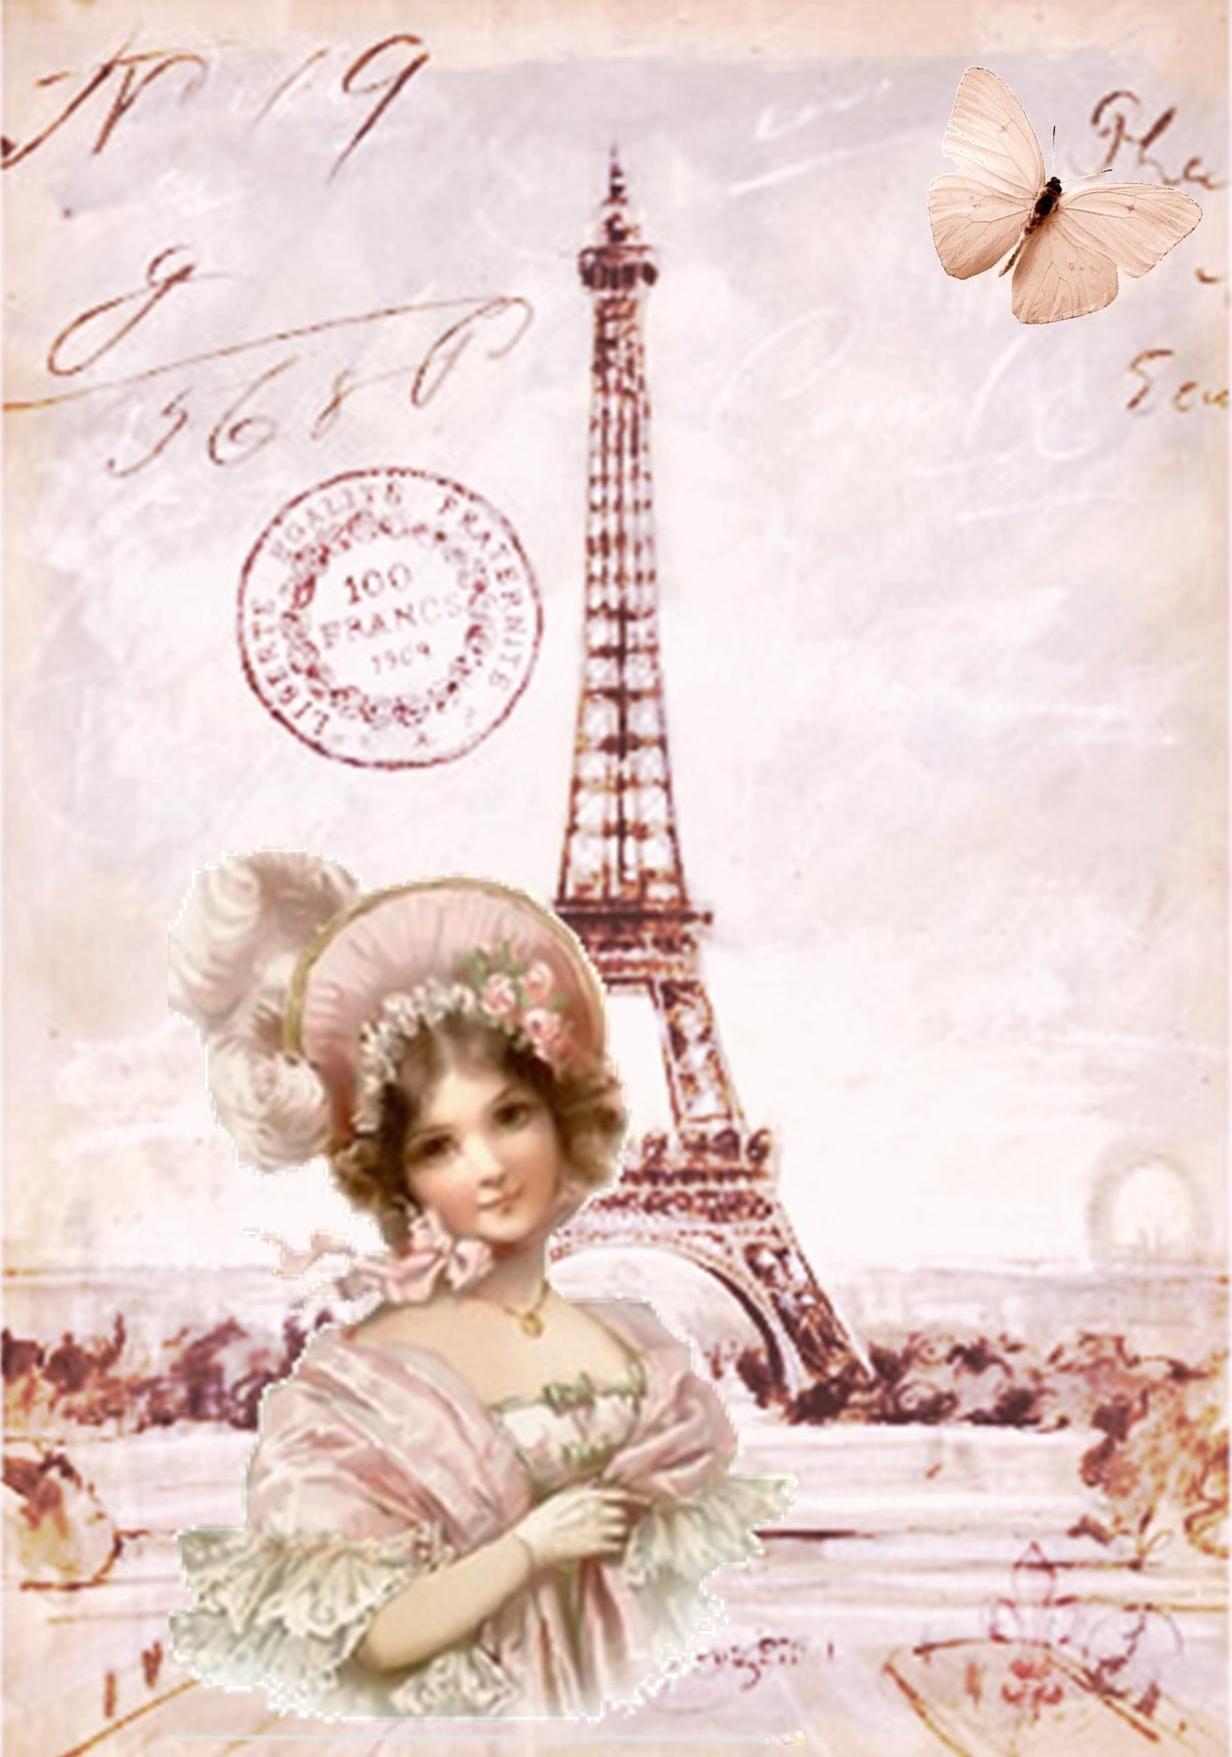 Оформление открытки на французском